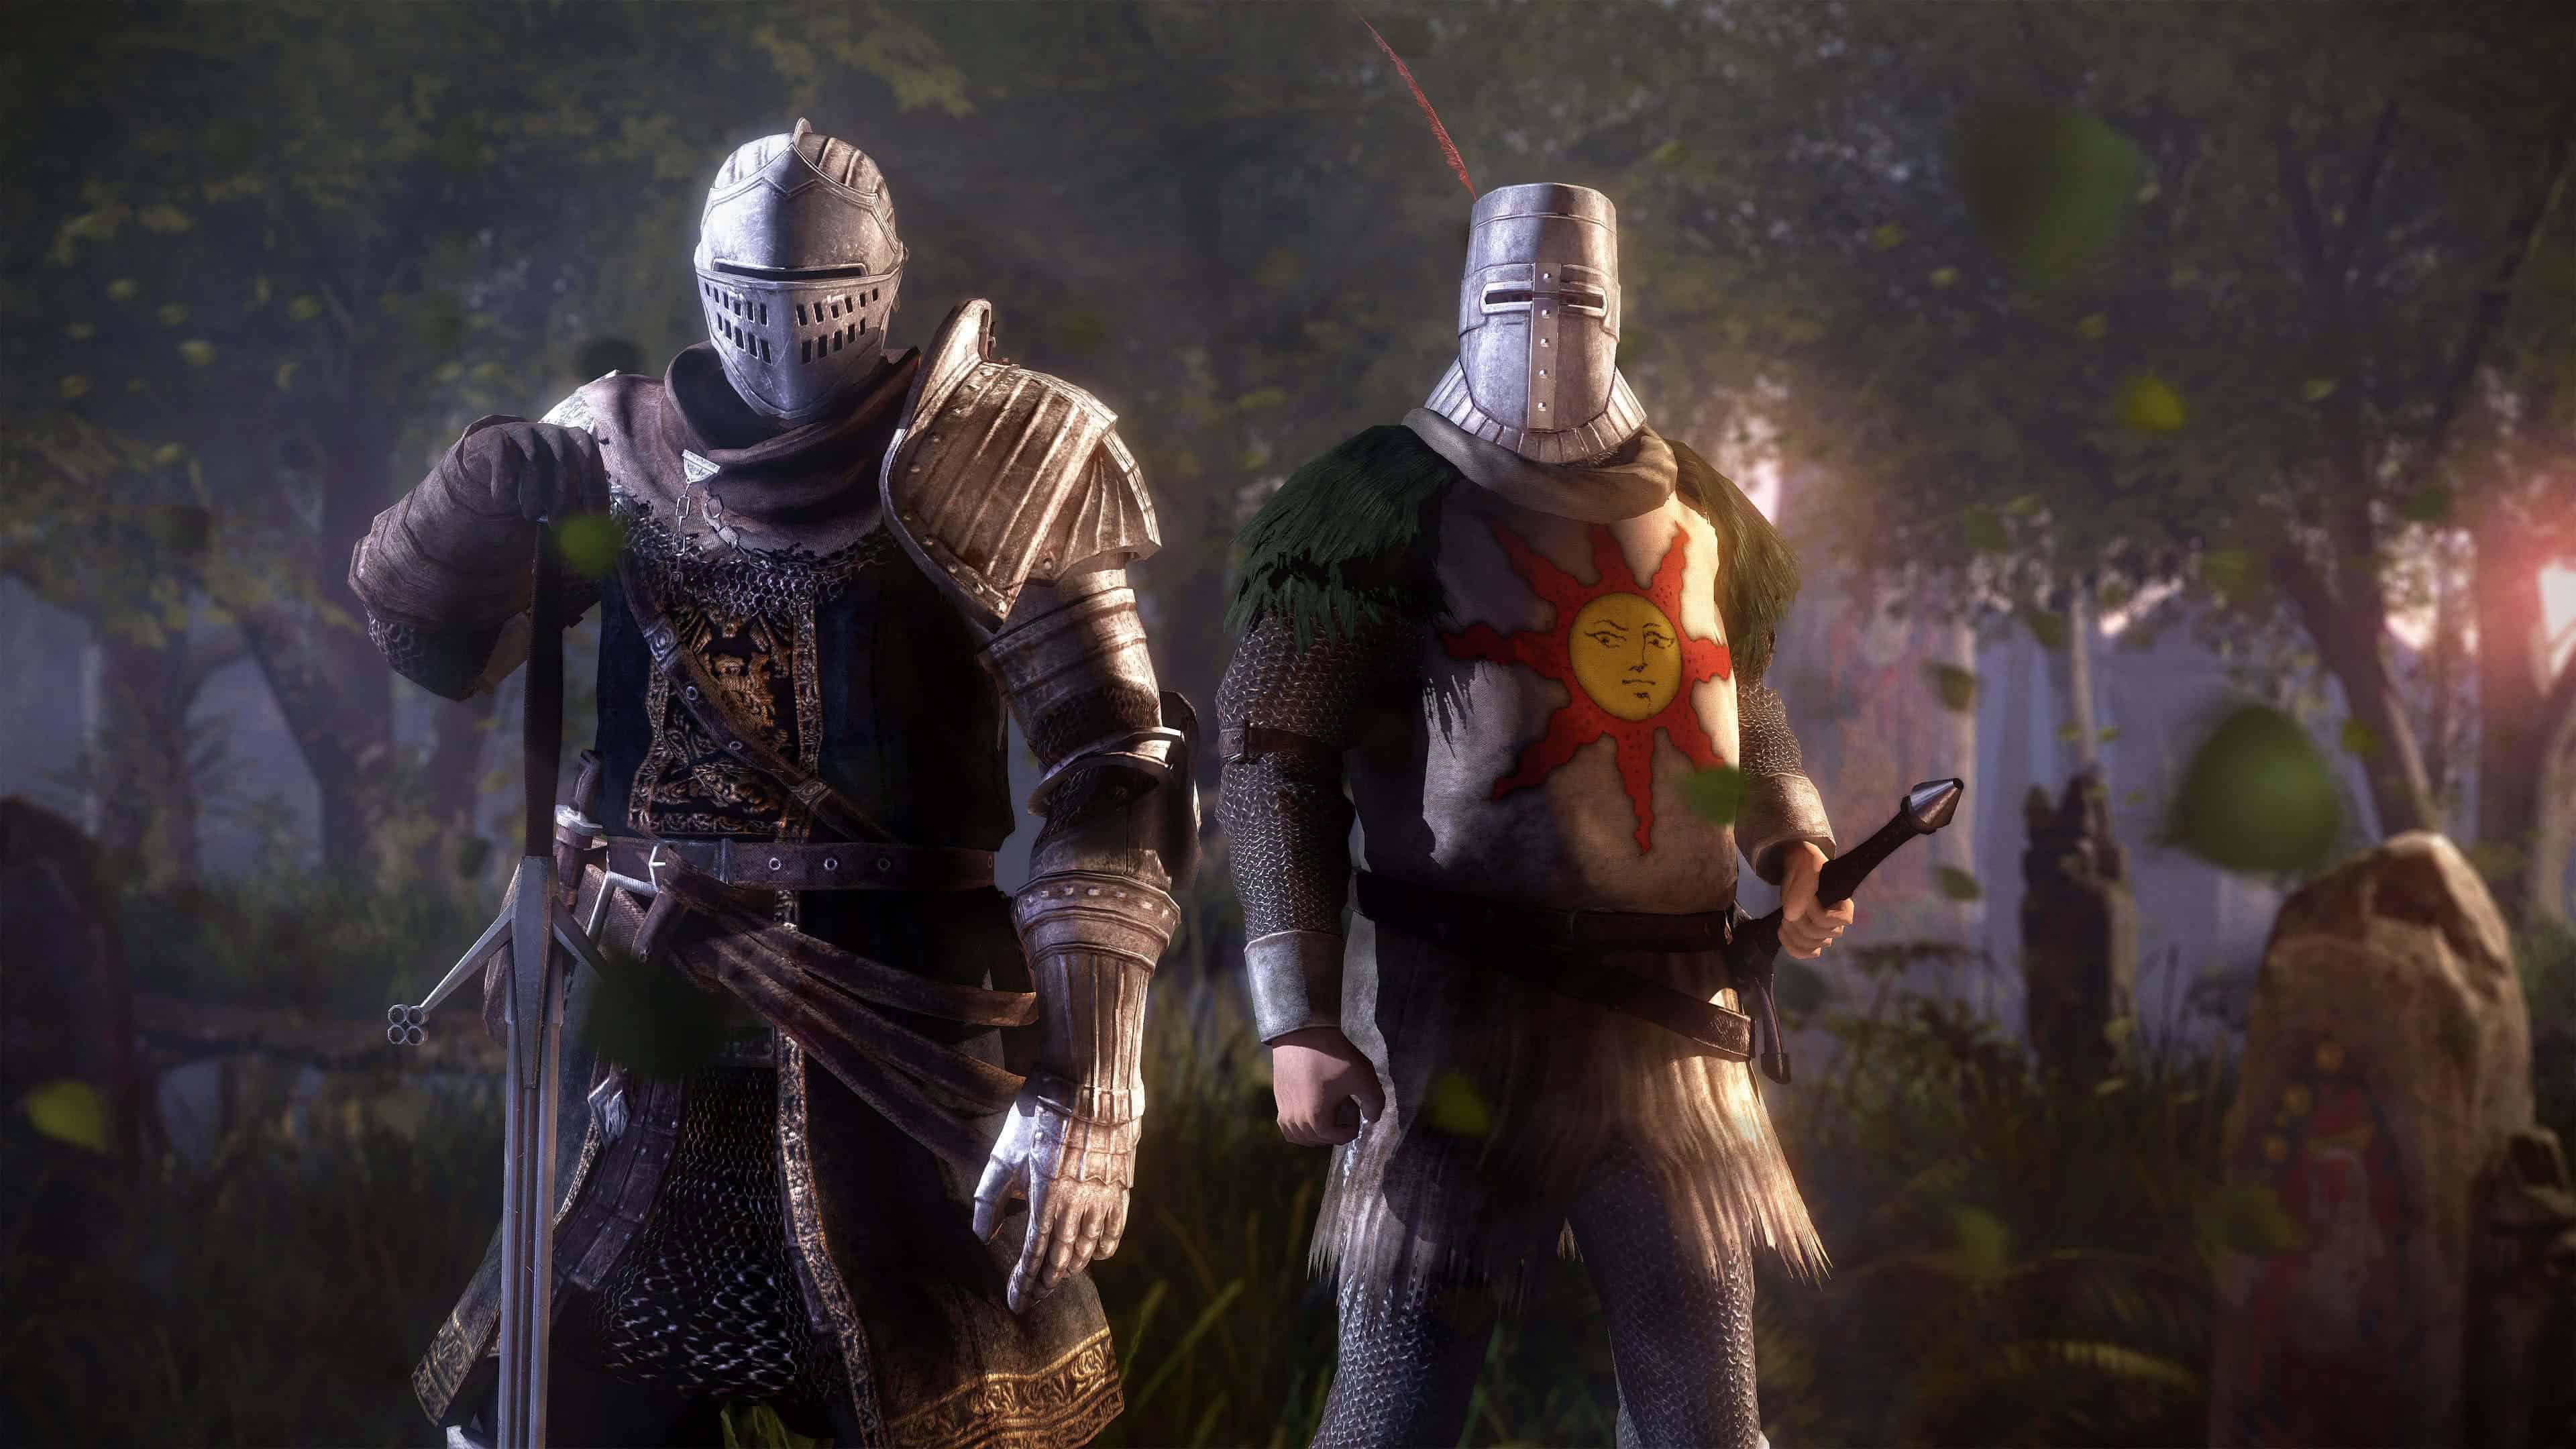 4k Dark Souls Wallpapers Top Free 4k Dark Souls